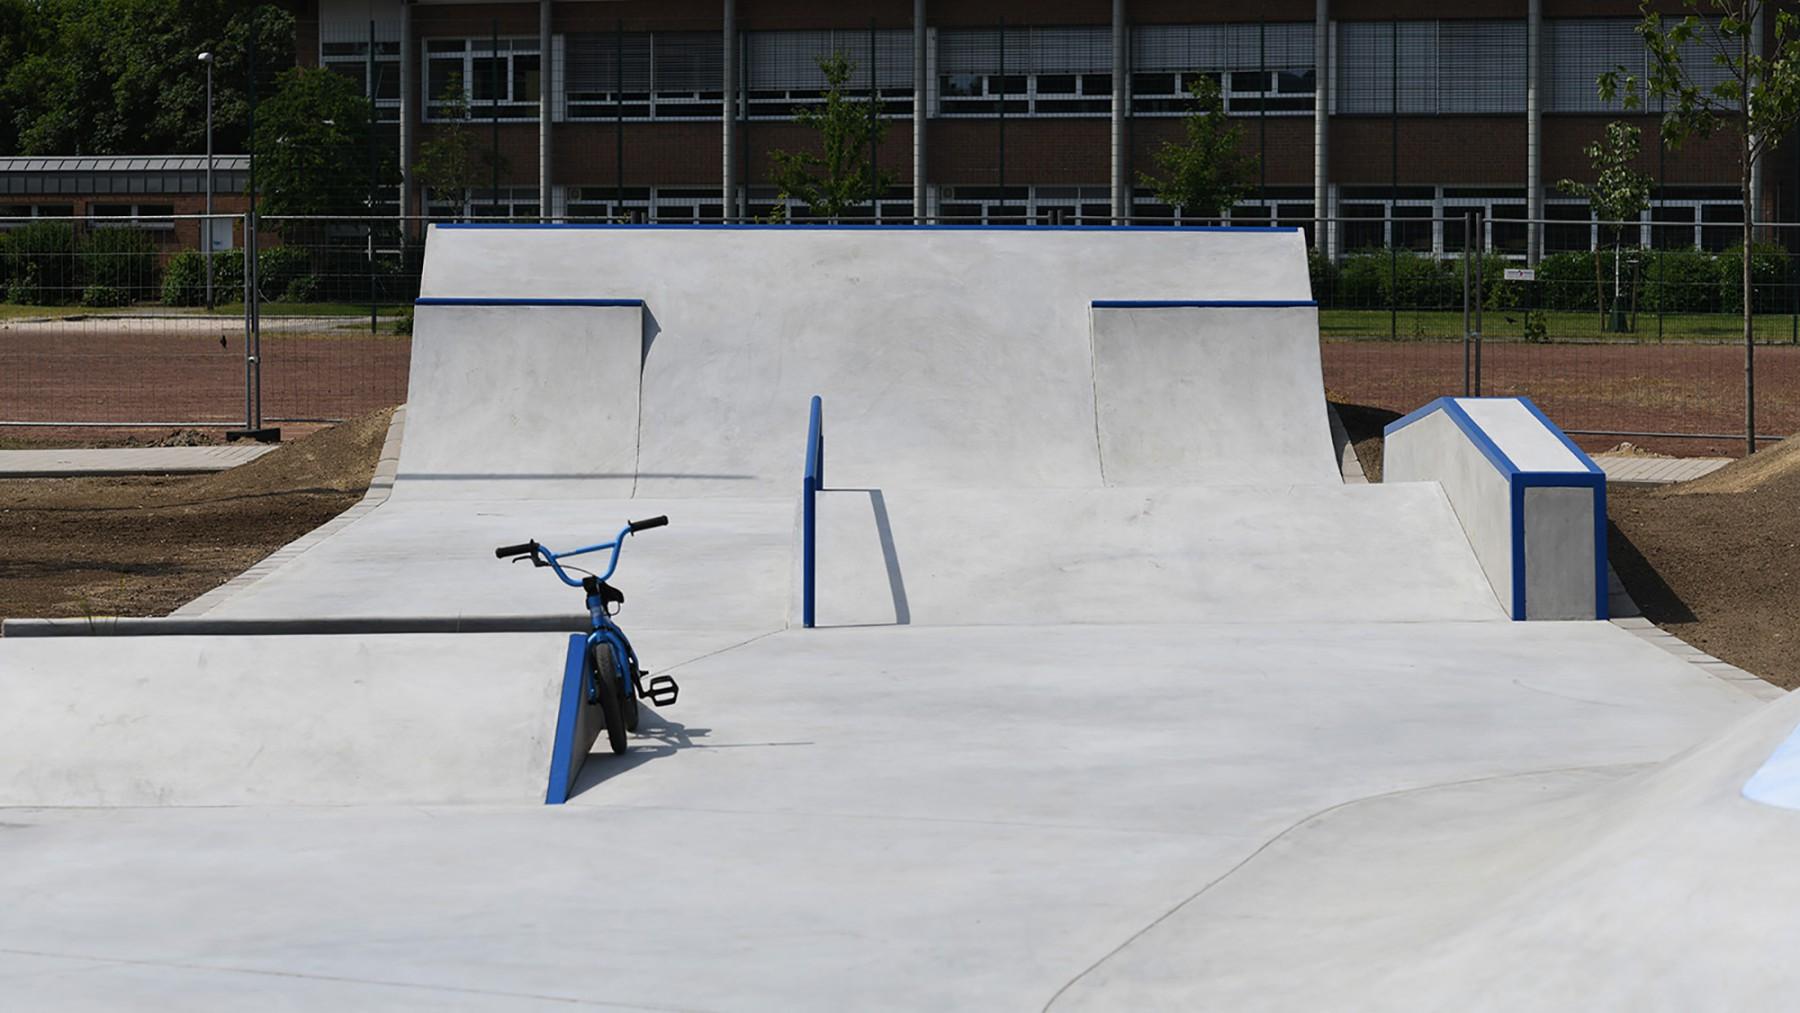 Kevelaer_Skatepark_fertig_Gallerie_03